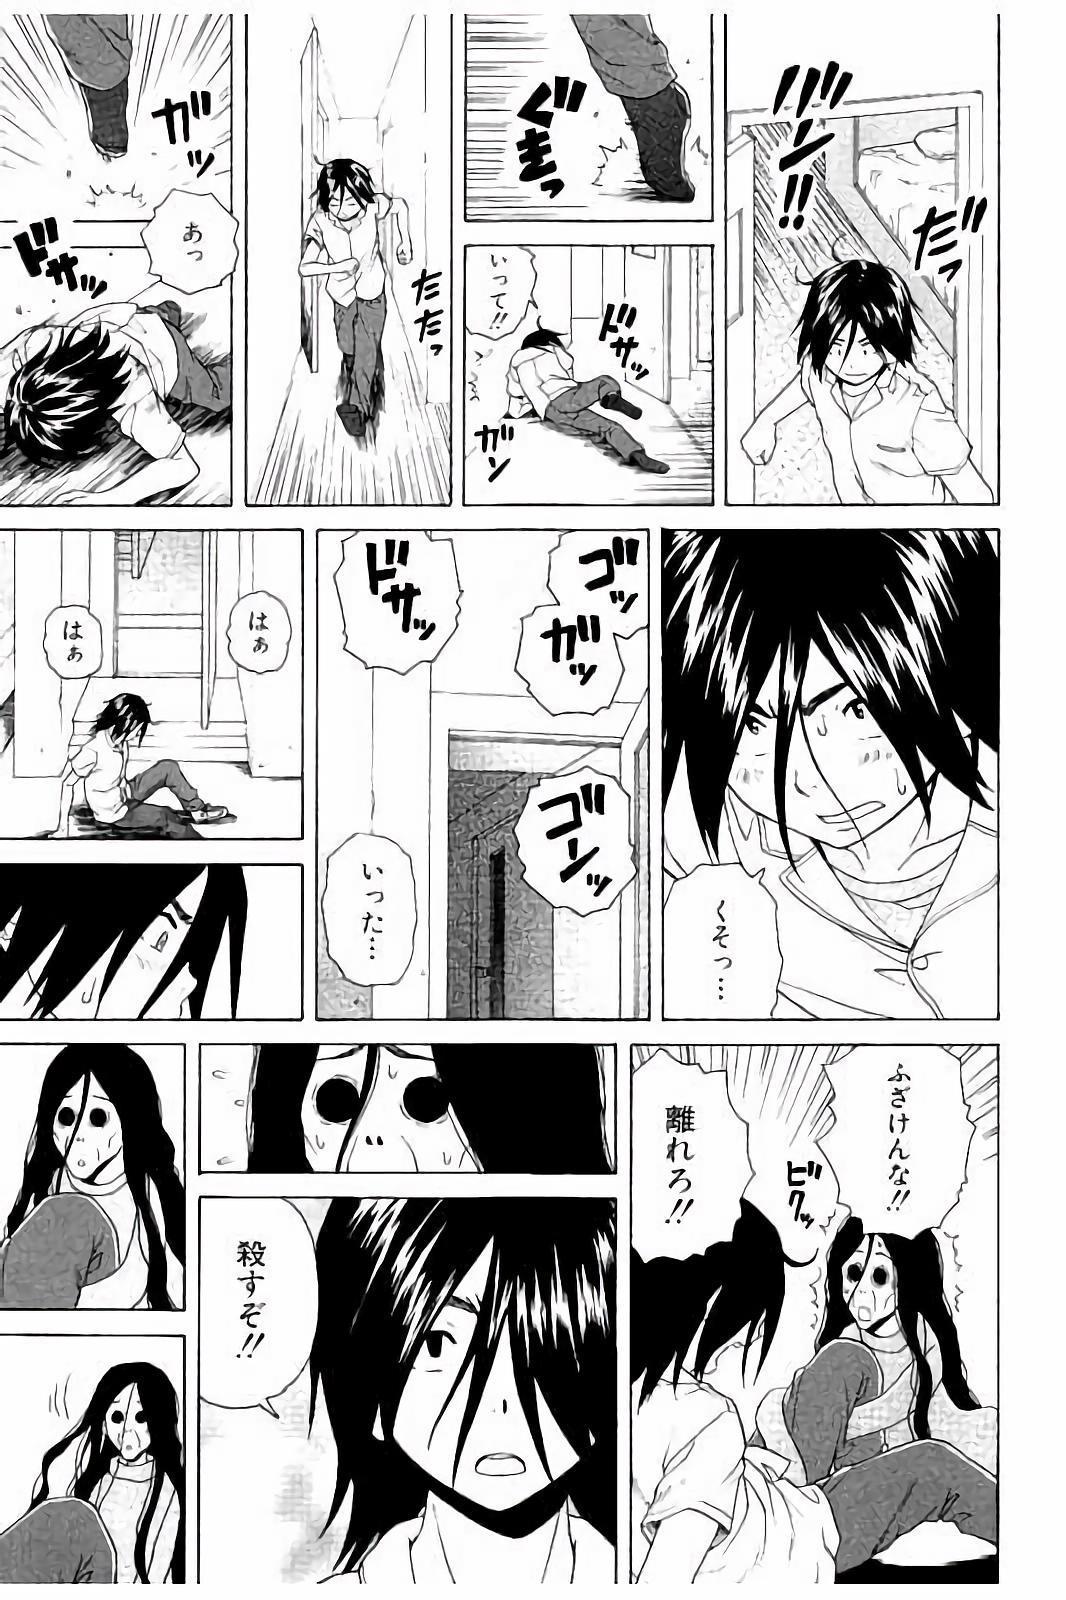 Ane no Himitsu To Boku no Jisatsu 126